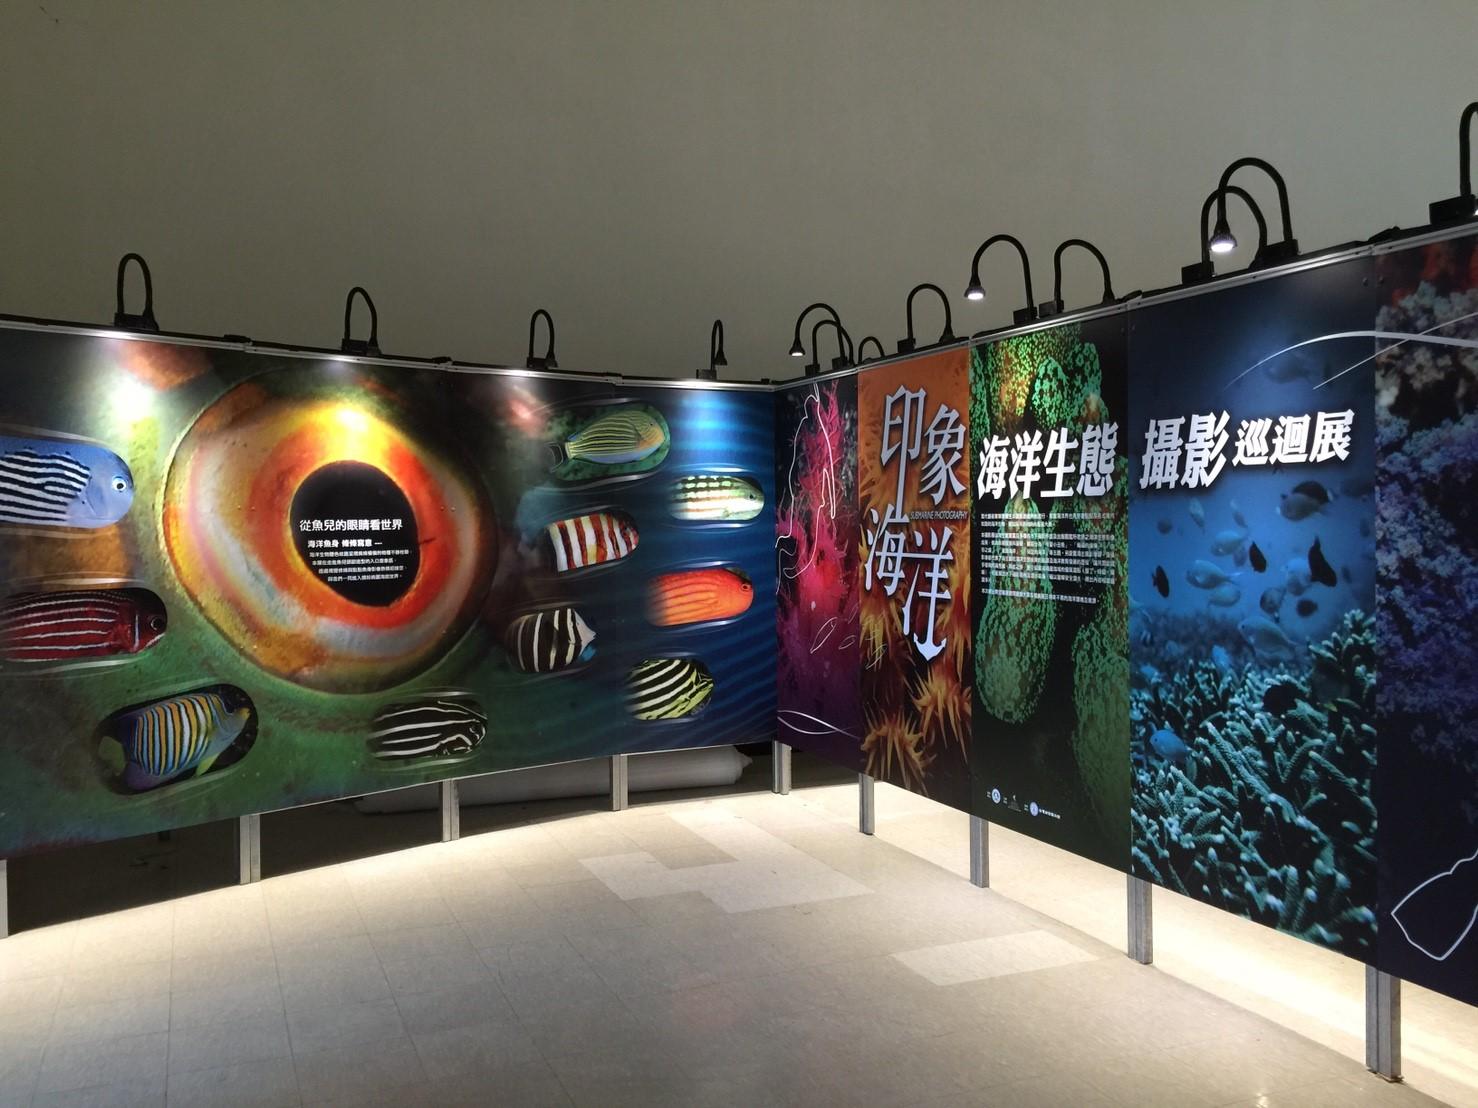 印象海洋-海洋生態攝影巡迴展